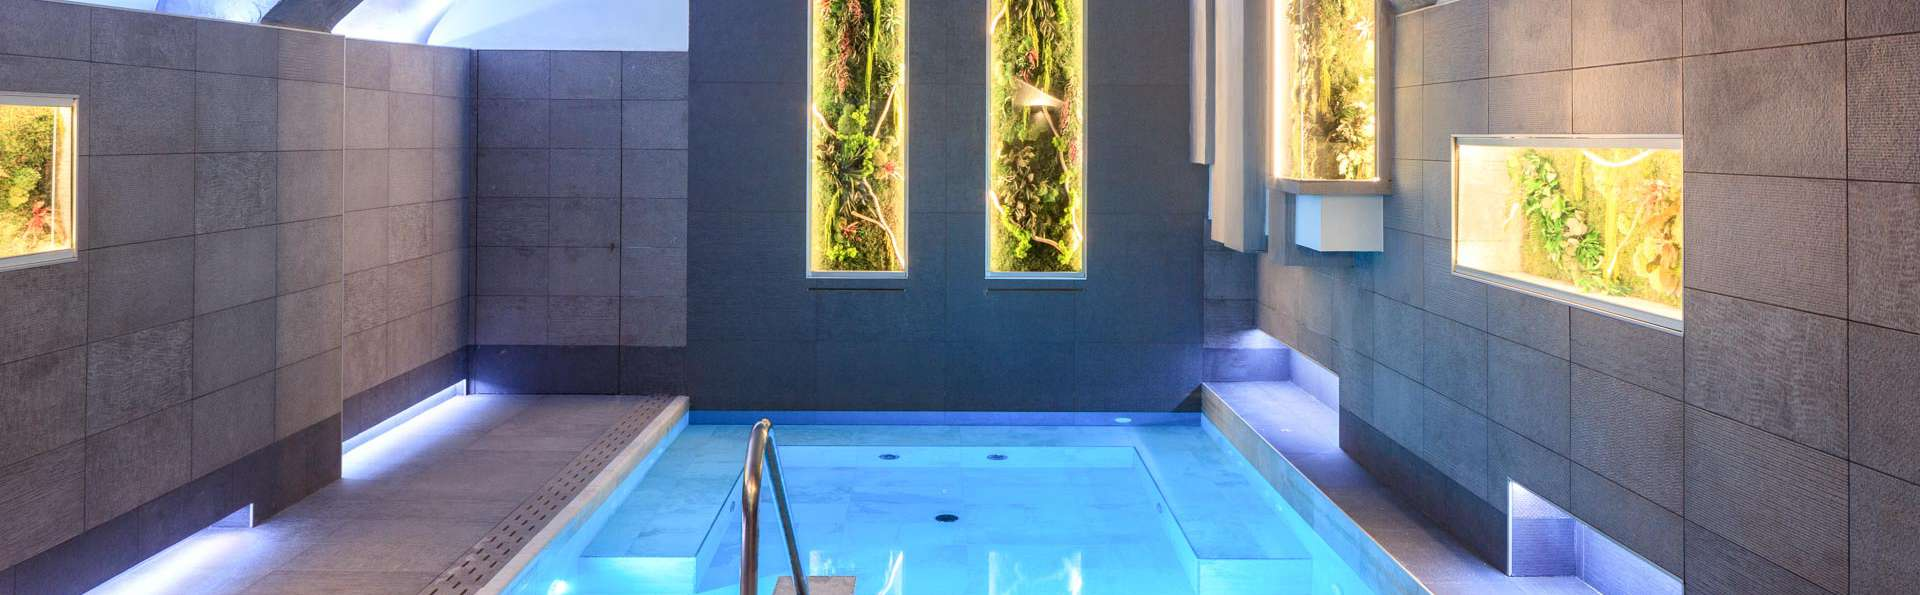 Relax privato nel borgo di Artimino con spa e massaggio